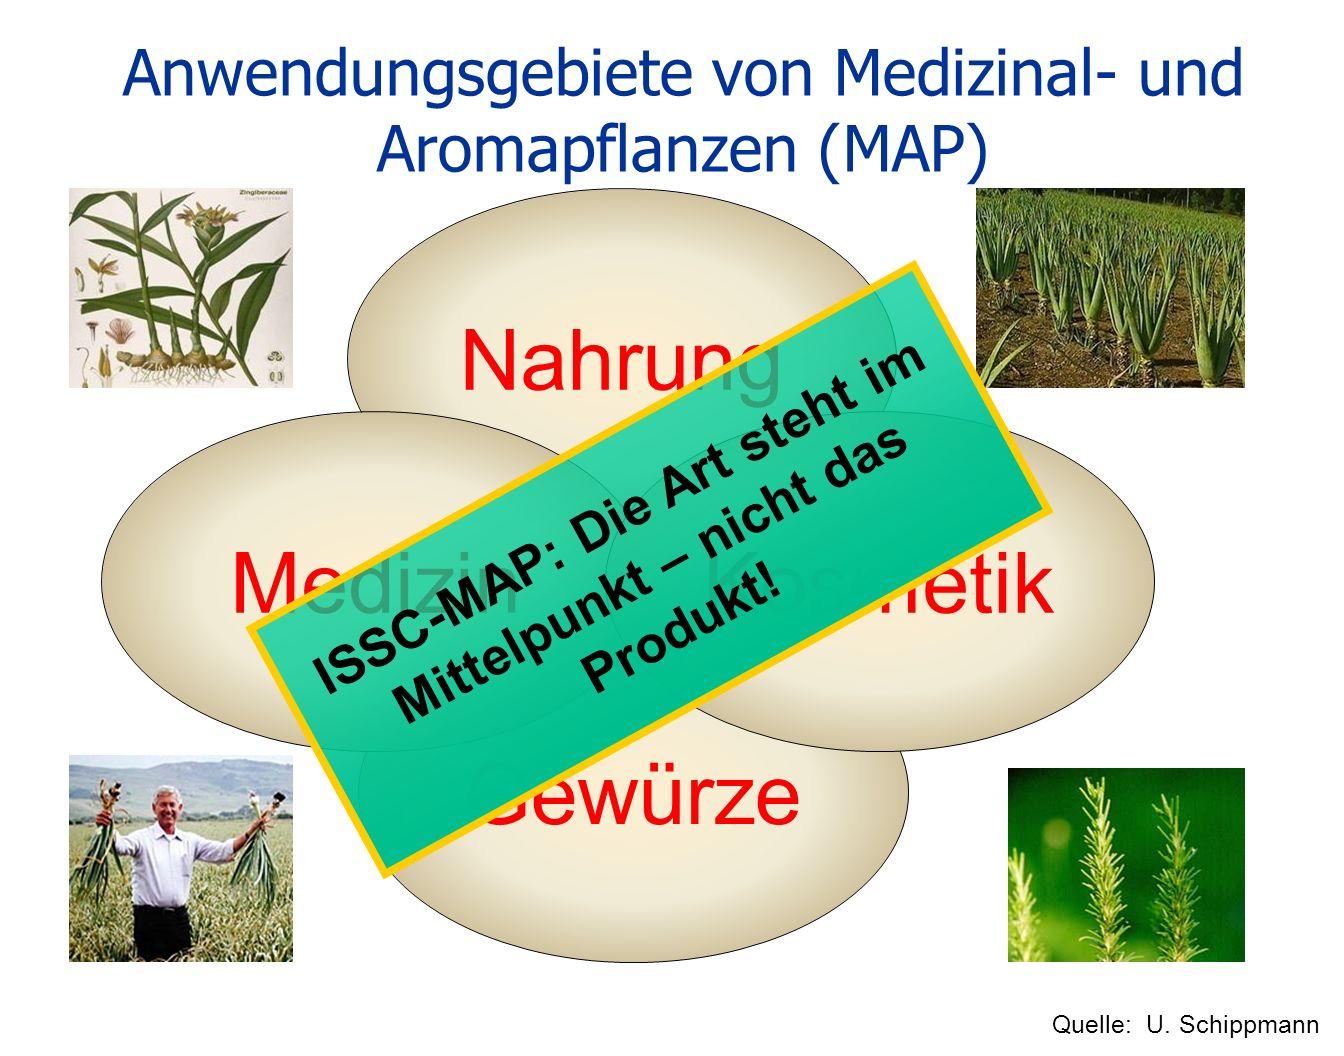 Gewürze Nahrung Anwendungsgebiete von Medizinal- und Aromapflanzen (MAP) MedizinKosmetik Quelle: U. Schippmann ISSC-MAP: Die Art steht im Mittelpunkt